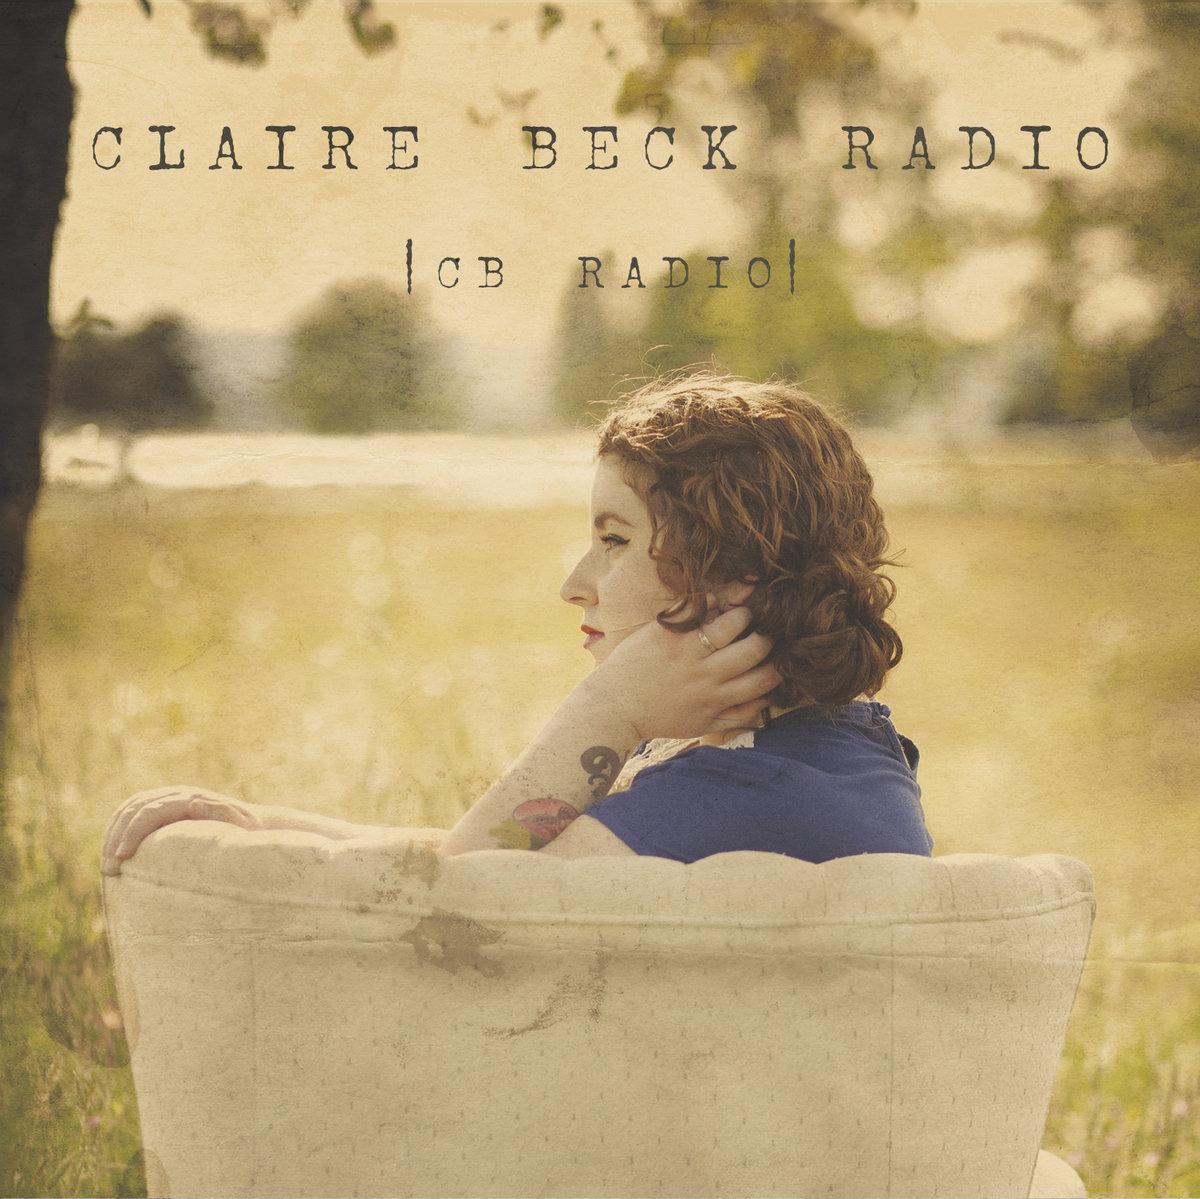 Claire Beck radio -